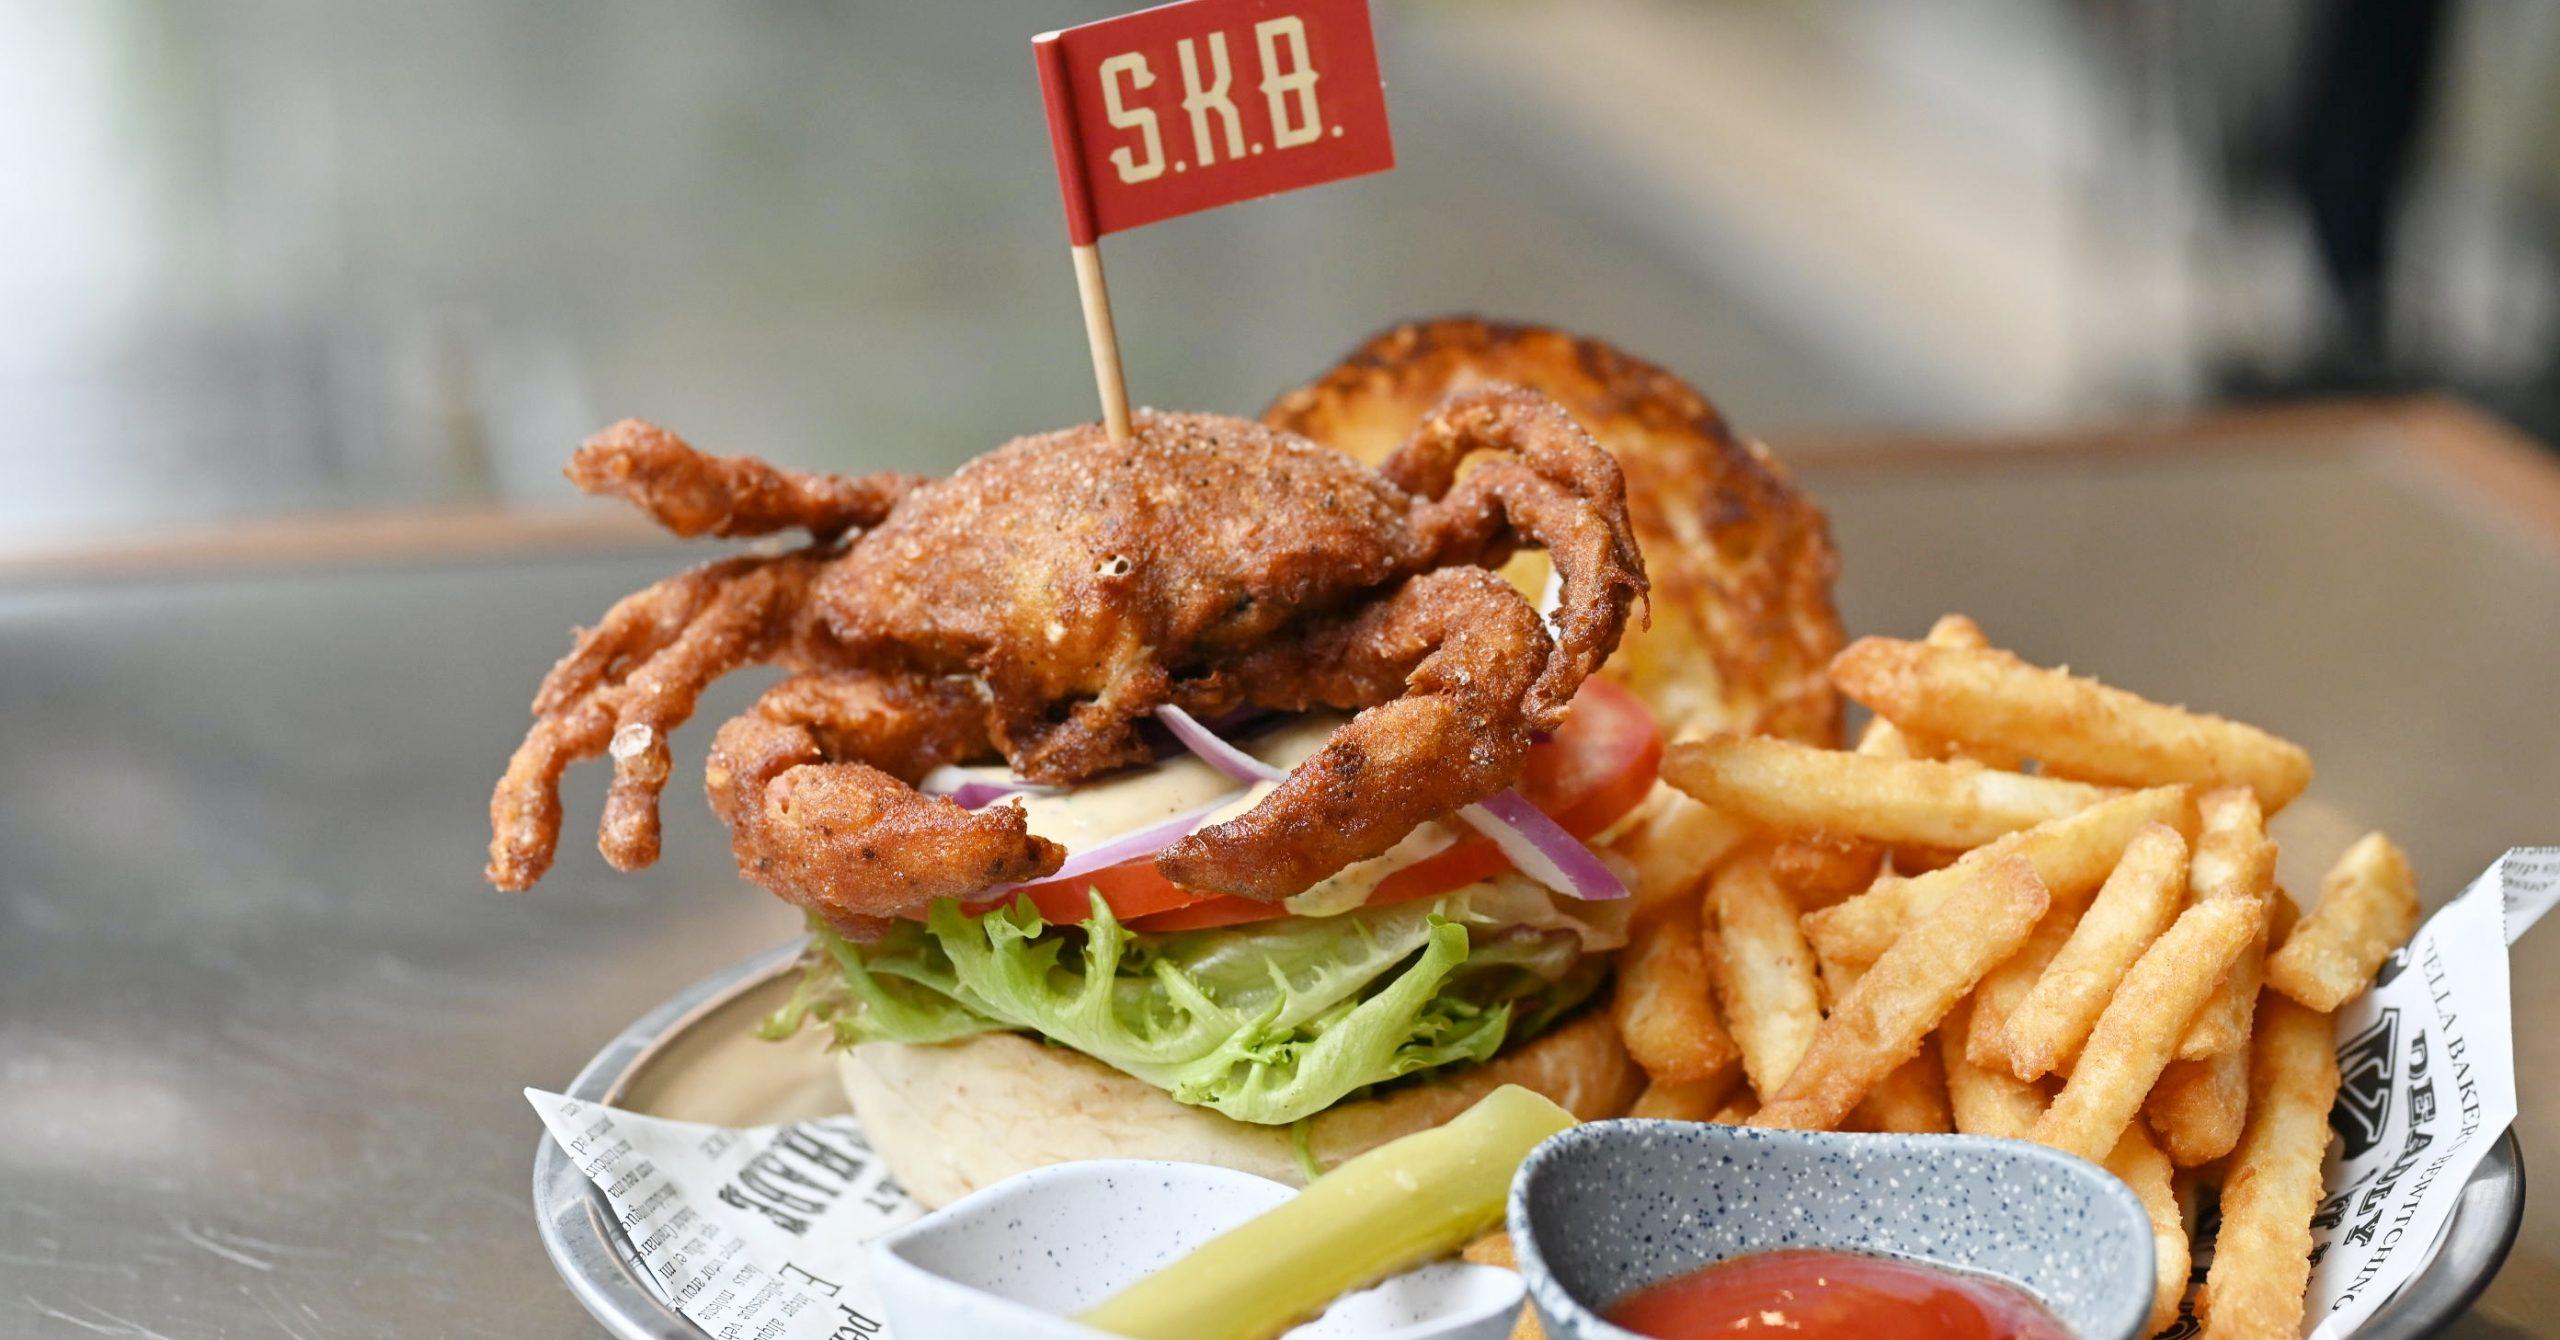 忠孝復興美食,SKB Burger,SKB Burger菜單,忠孝復興,東區美式漢堡推薦,東區美式漢堡,美式漢堡 @Nash,神之領域